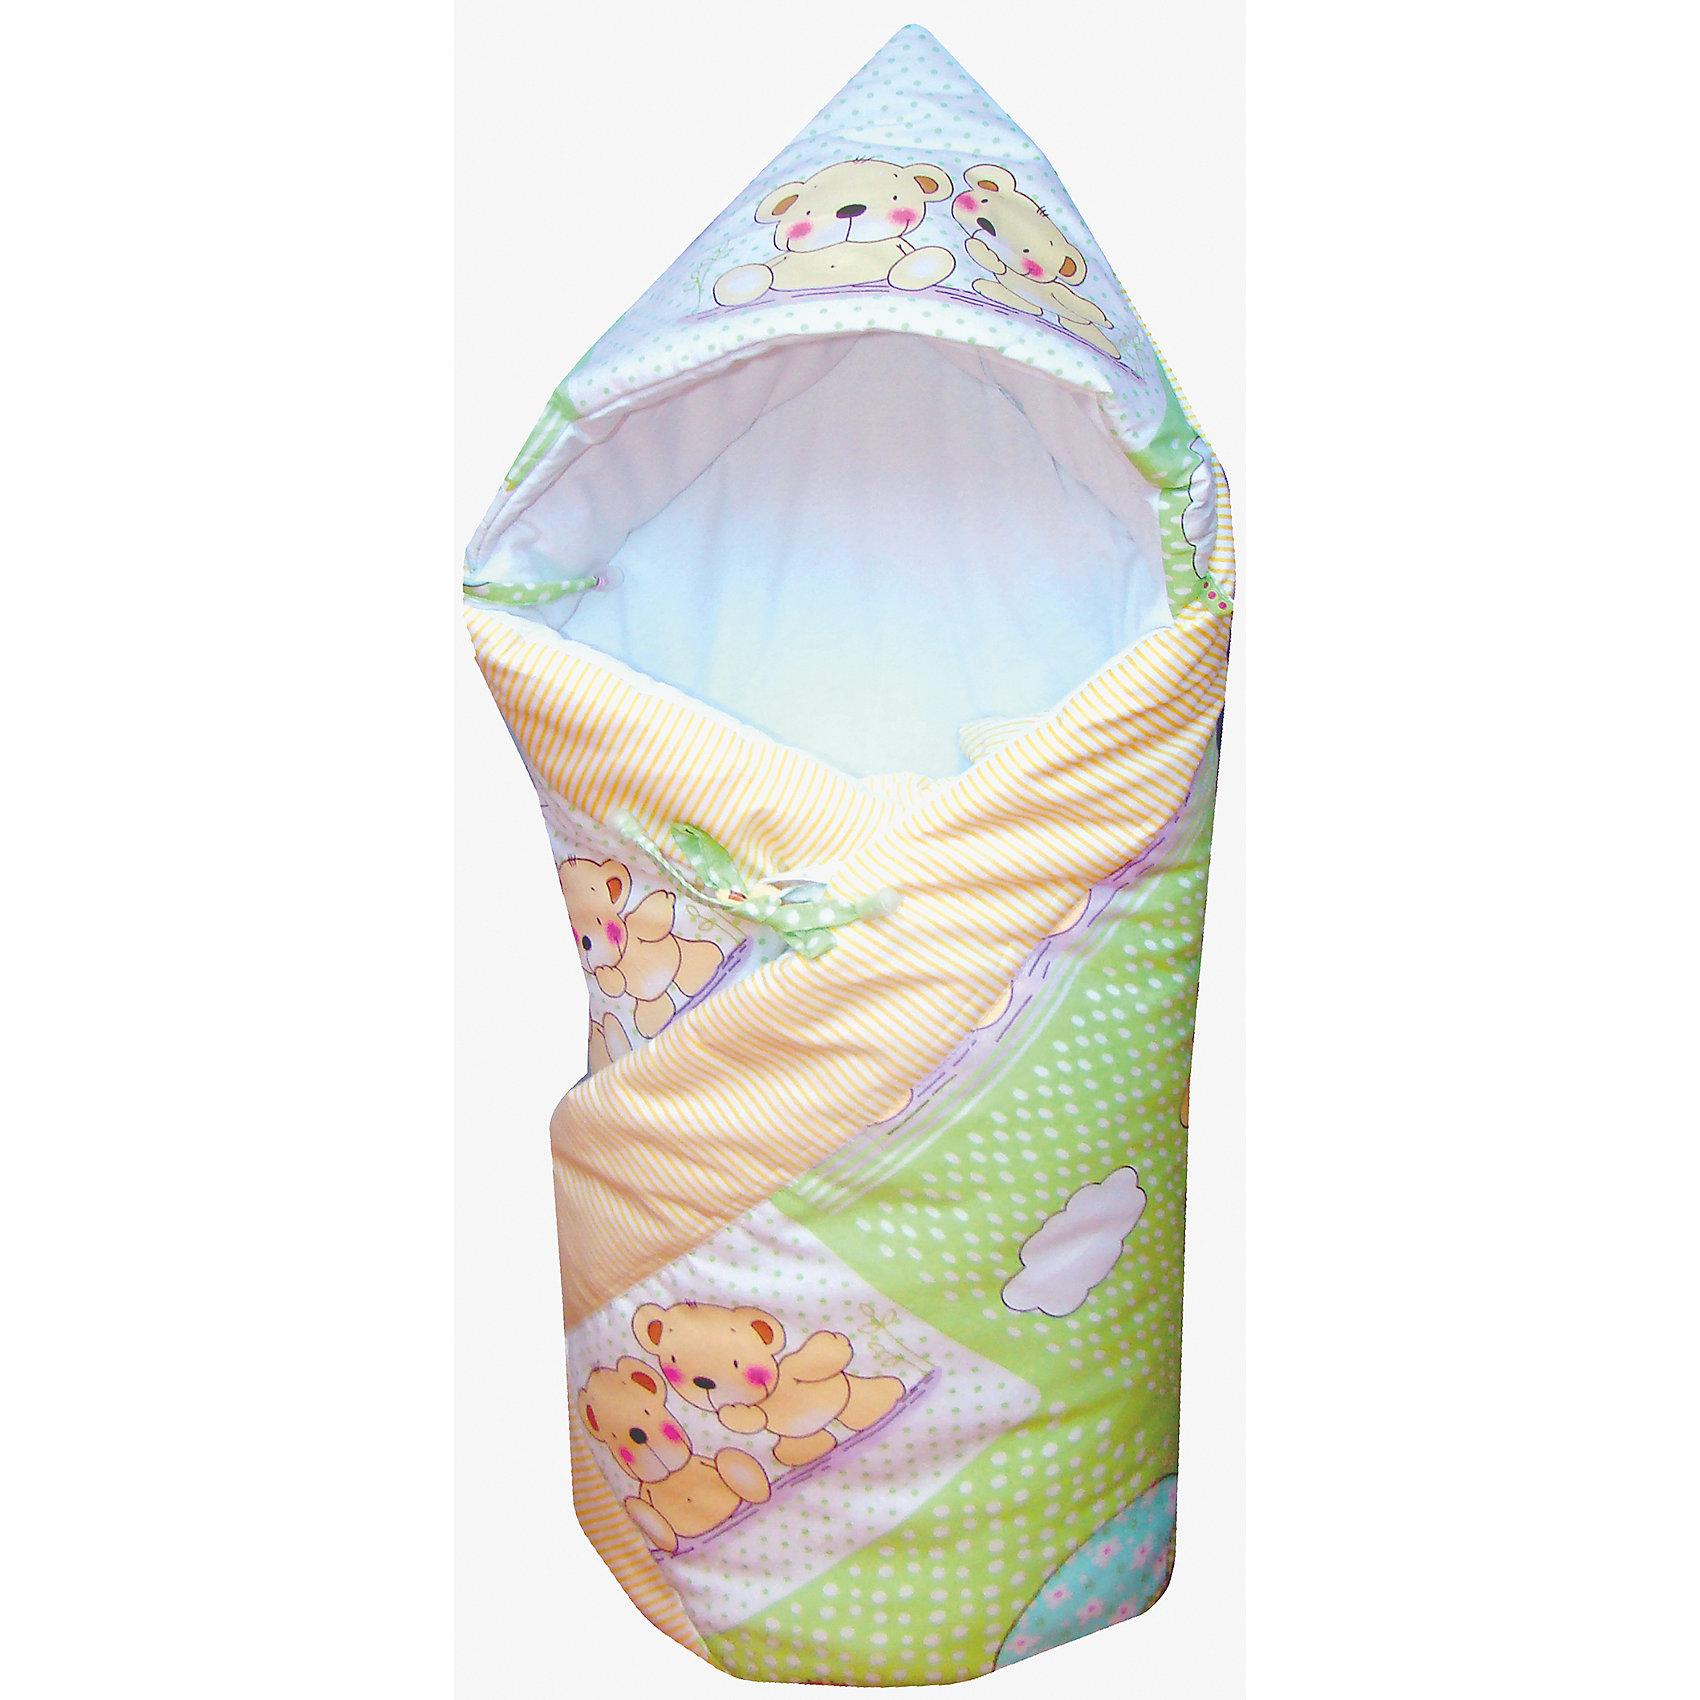 СуперМаМкет Демисезонный конверт-одеяло CuteWrap